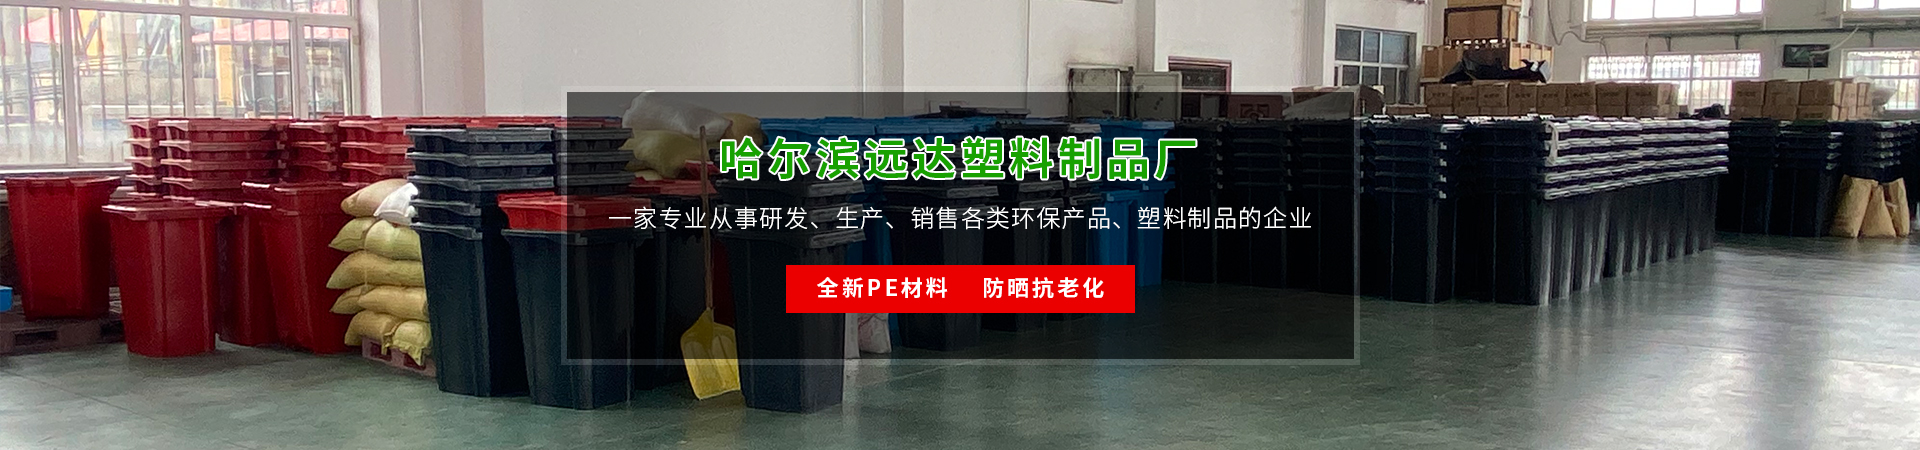 http://www.hrbyuanda.cn/data/upload/202010/20201024141246_180.jpg